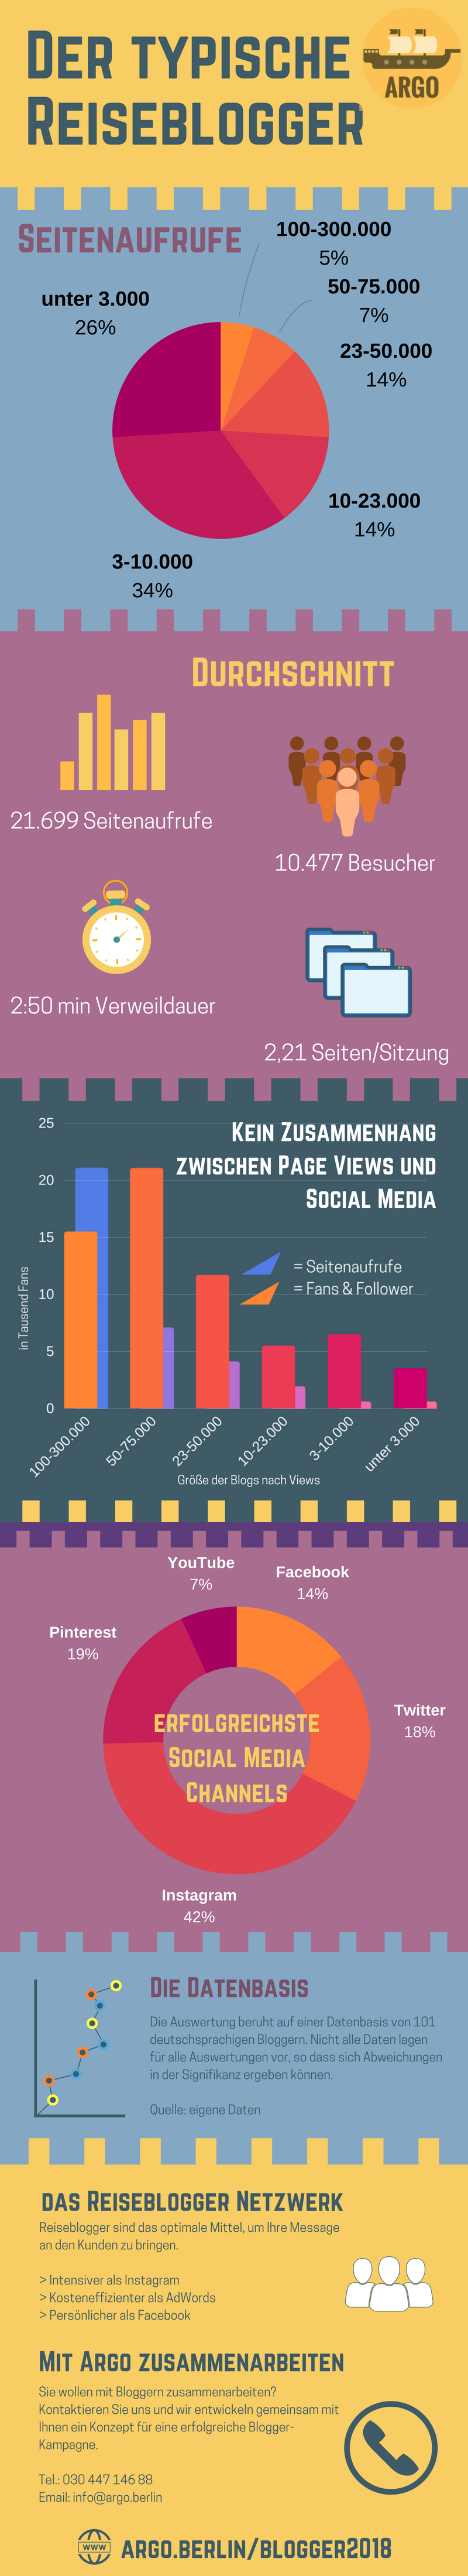 Infografik: Wie ticken Reiseblogger?